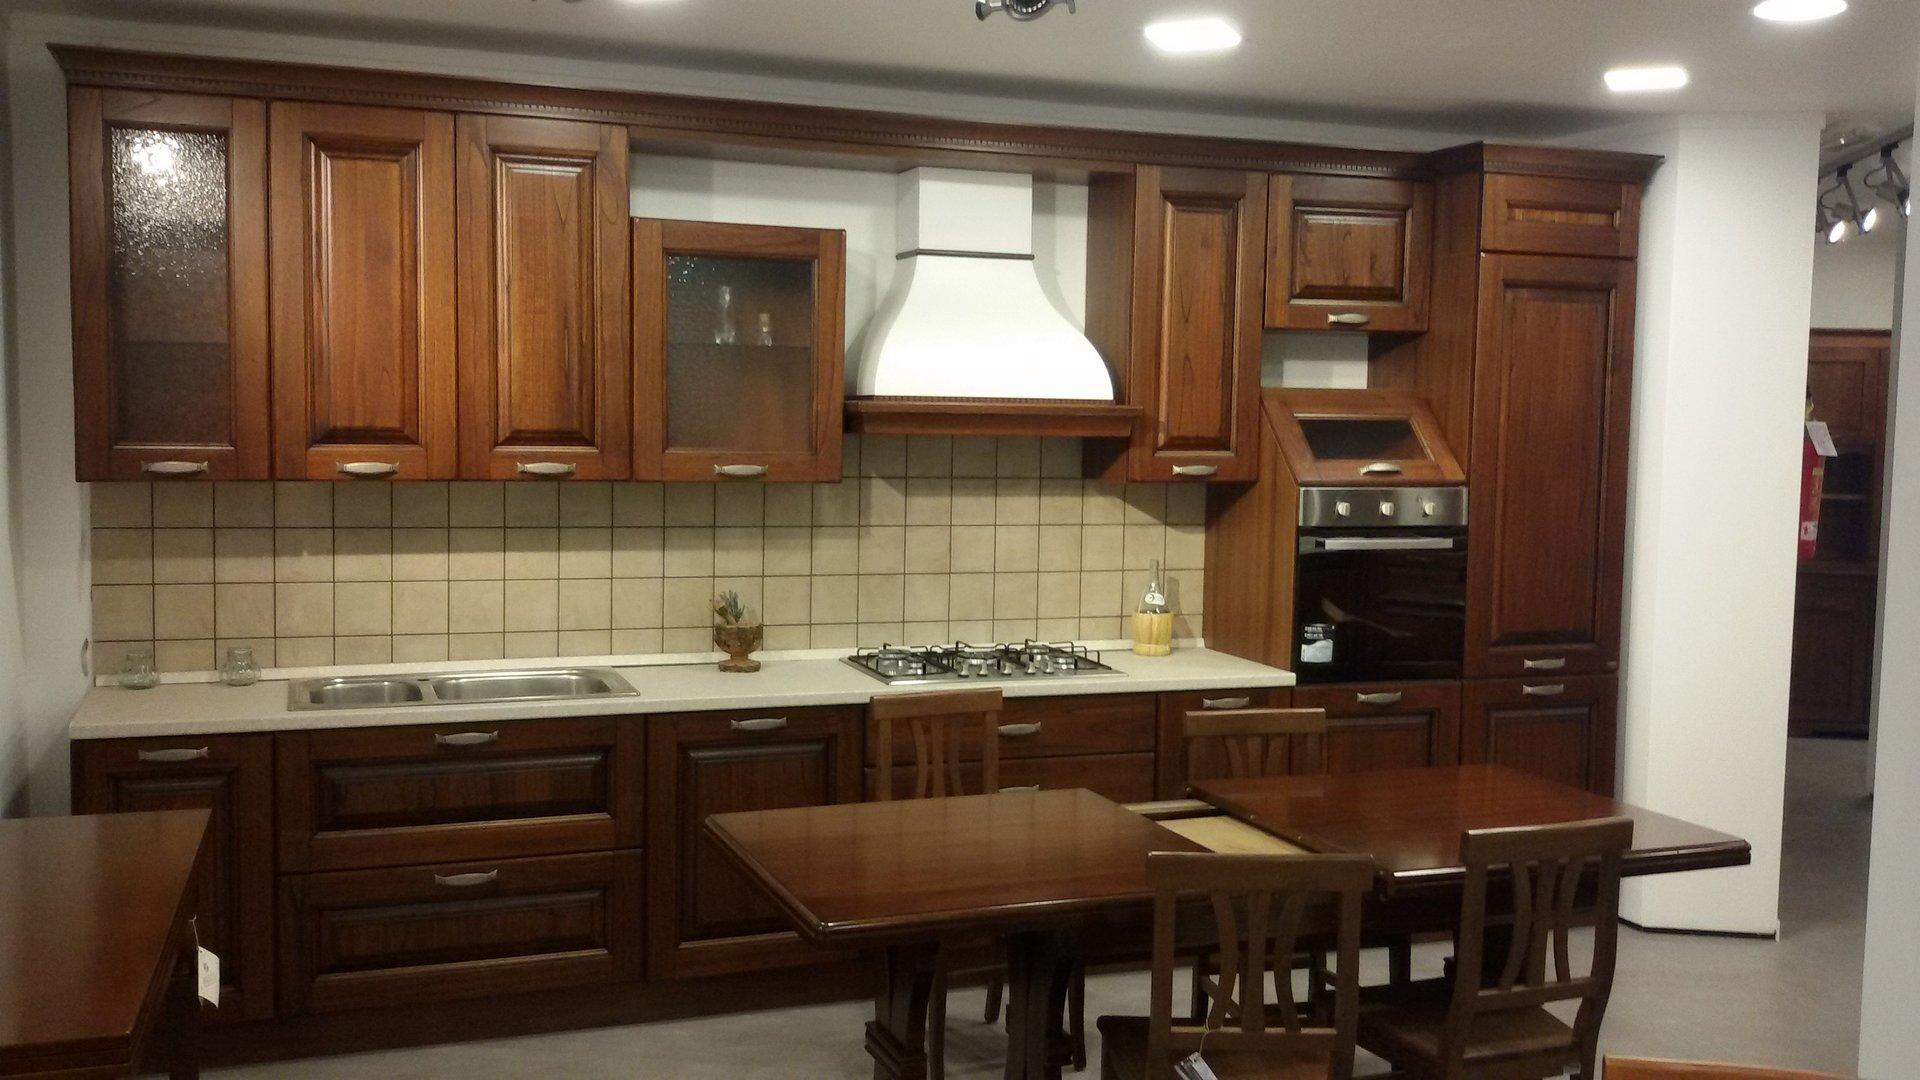 Mobili in promozione vibo valentia scarcia arredamenti - Colore parete cucina noce ...